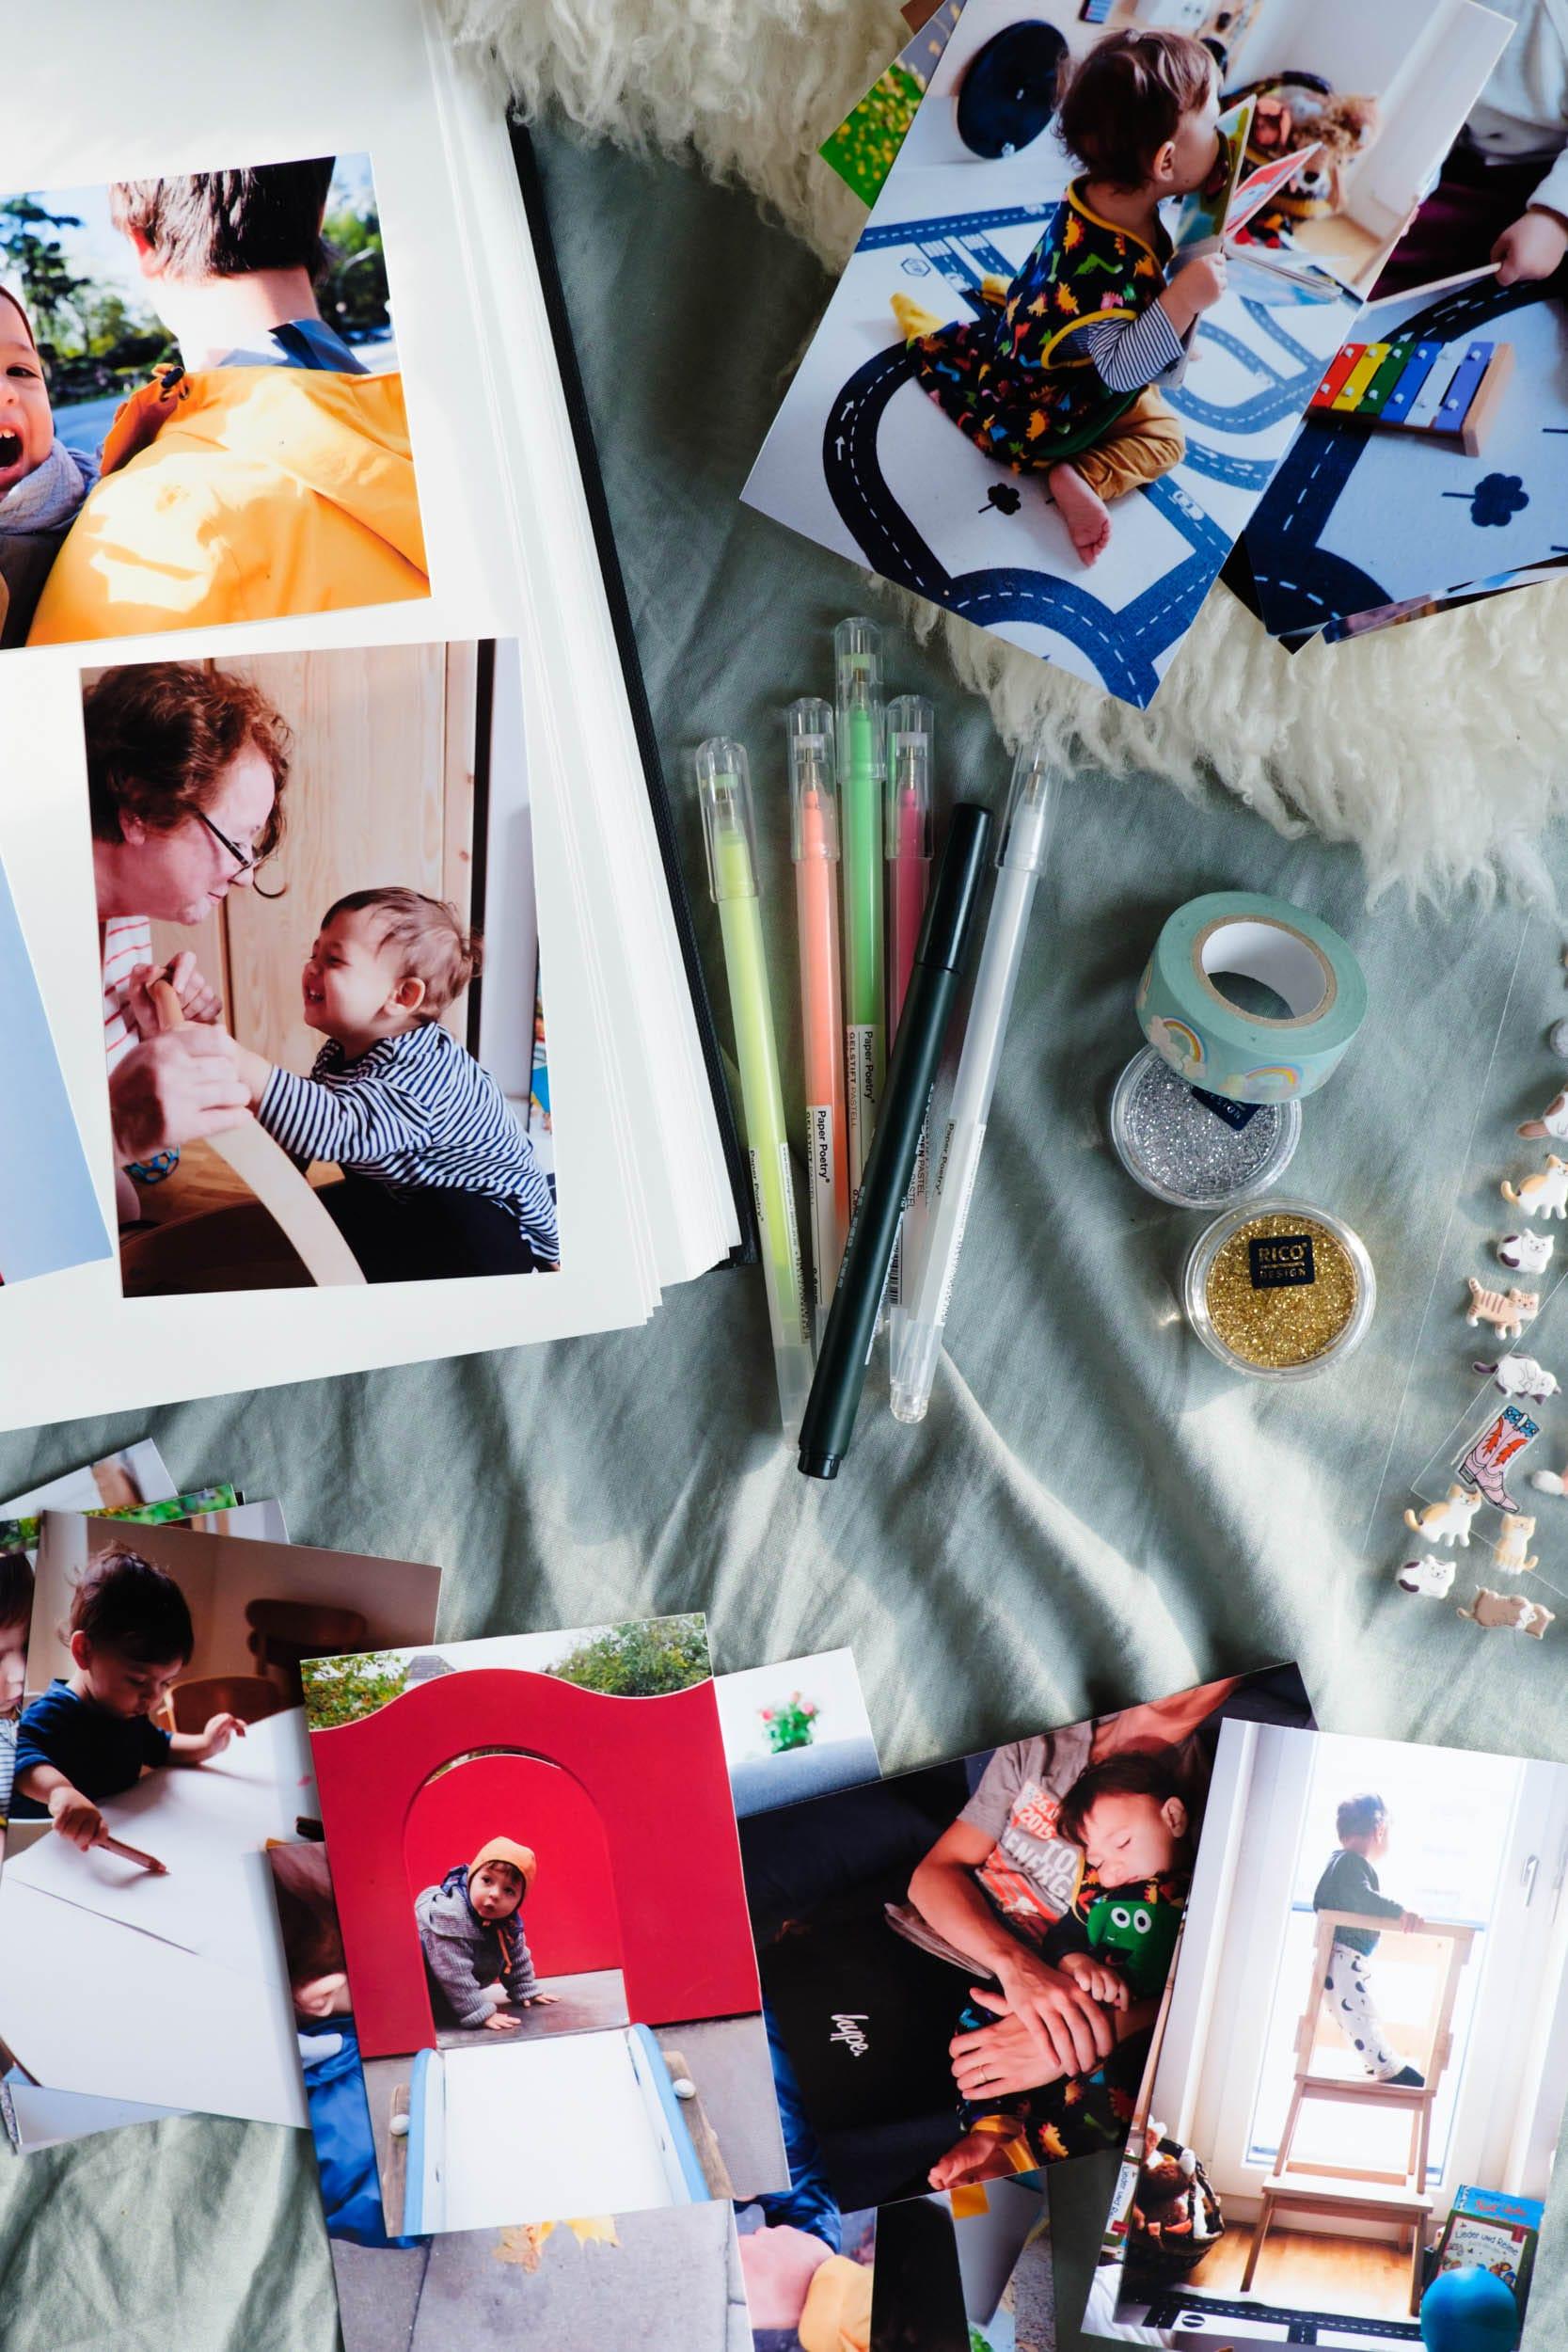 Die kleinen Dinge in unserem Familienalltag | Rituale im Familienalltag | Ausdruck des Lebens | Kindheit | Fotoalbum gestalten | ivy.li